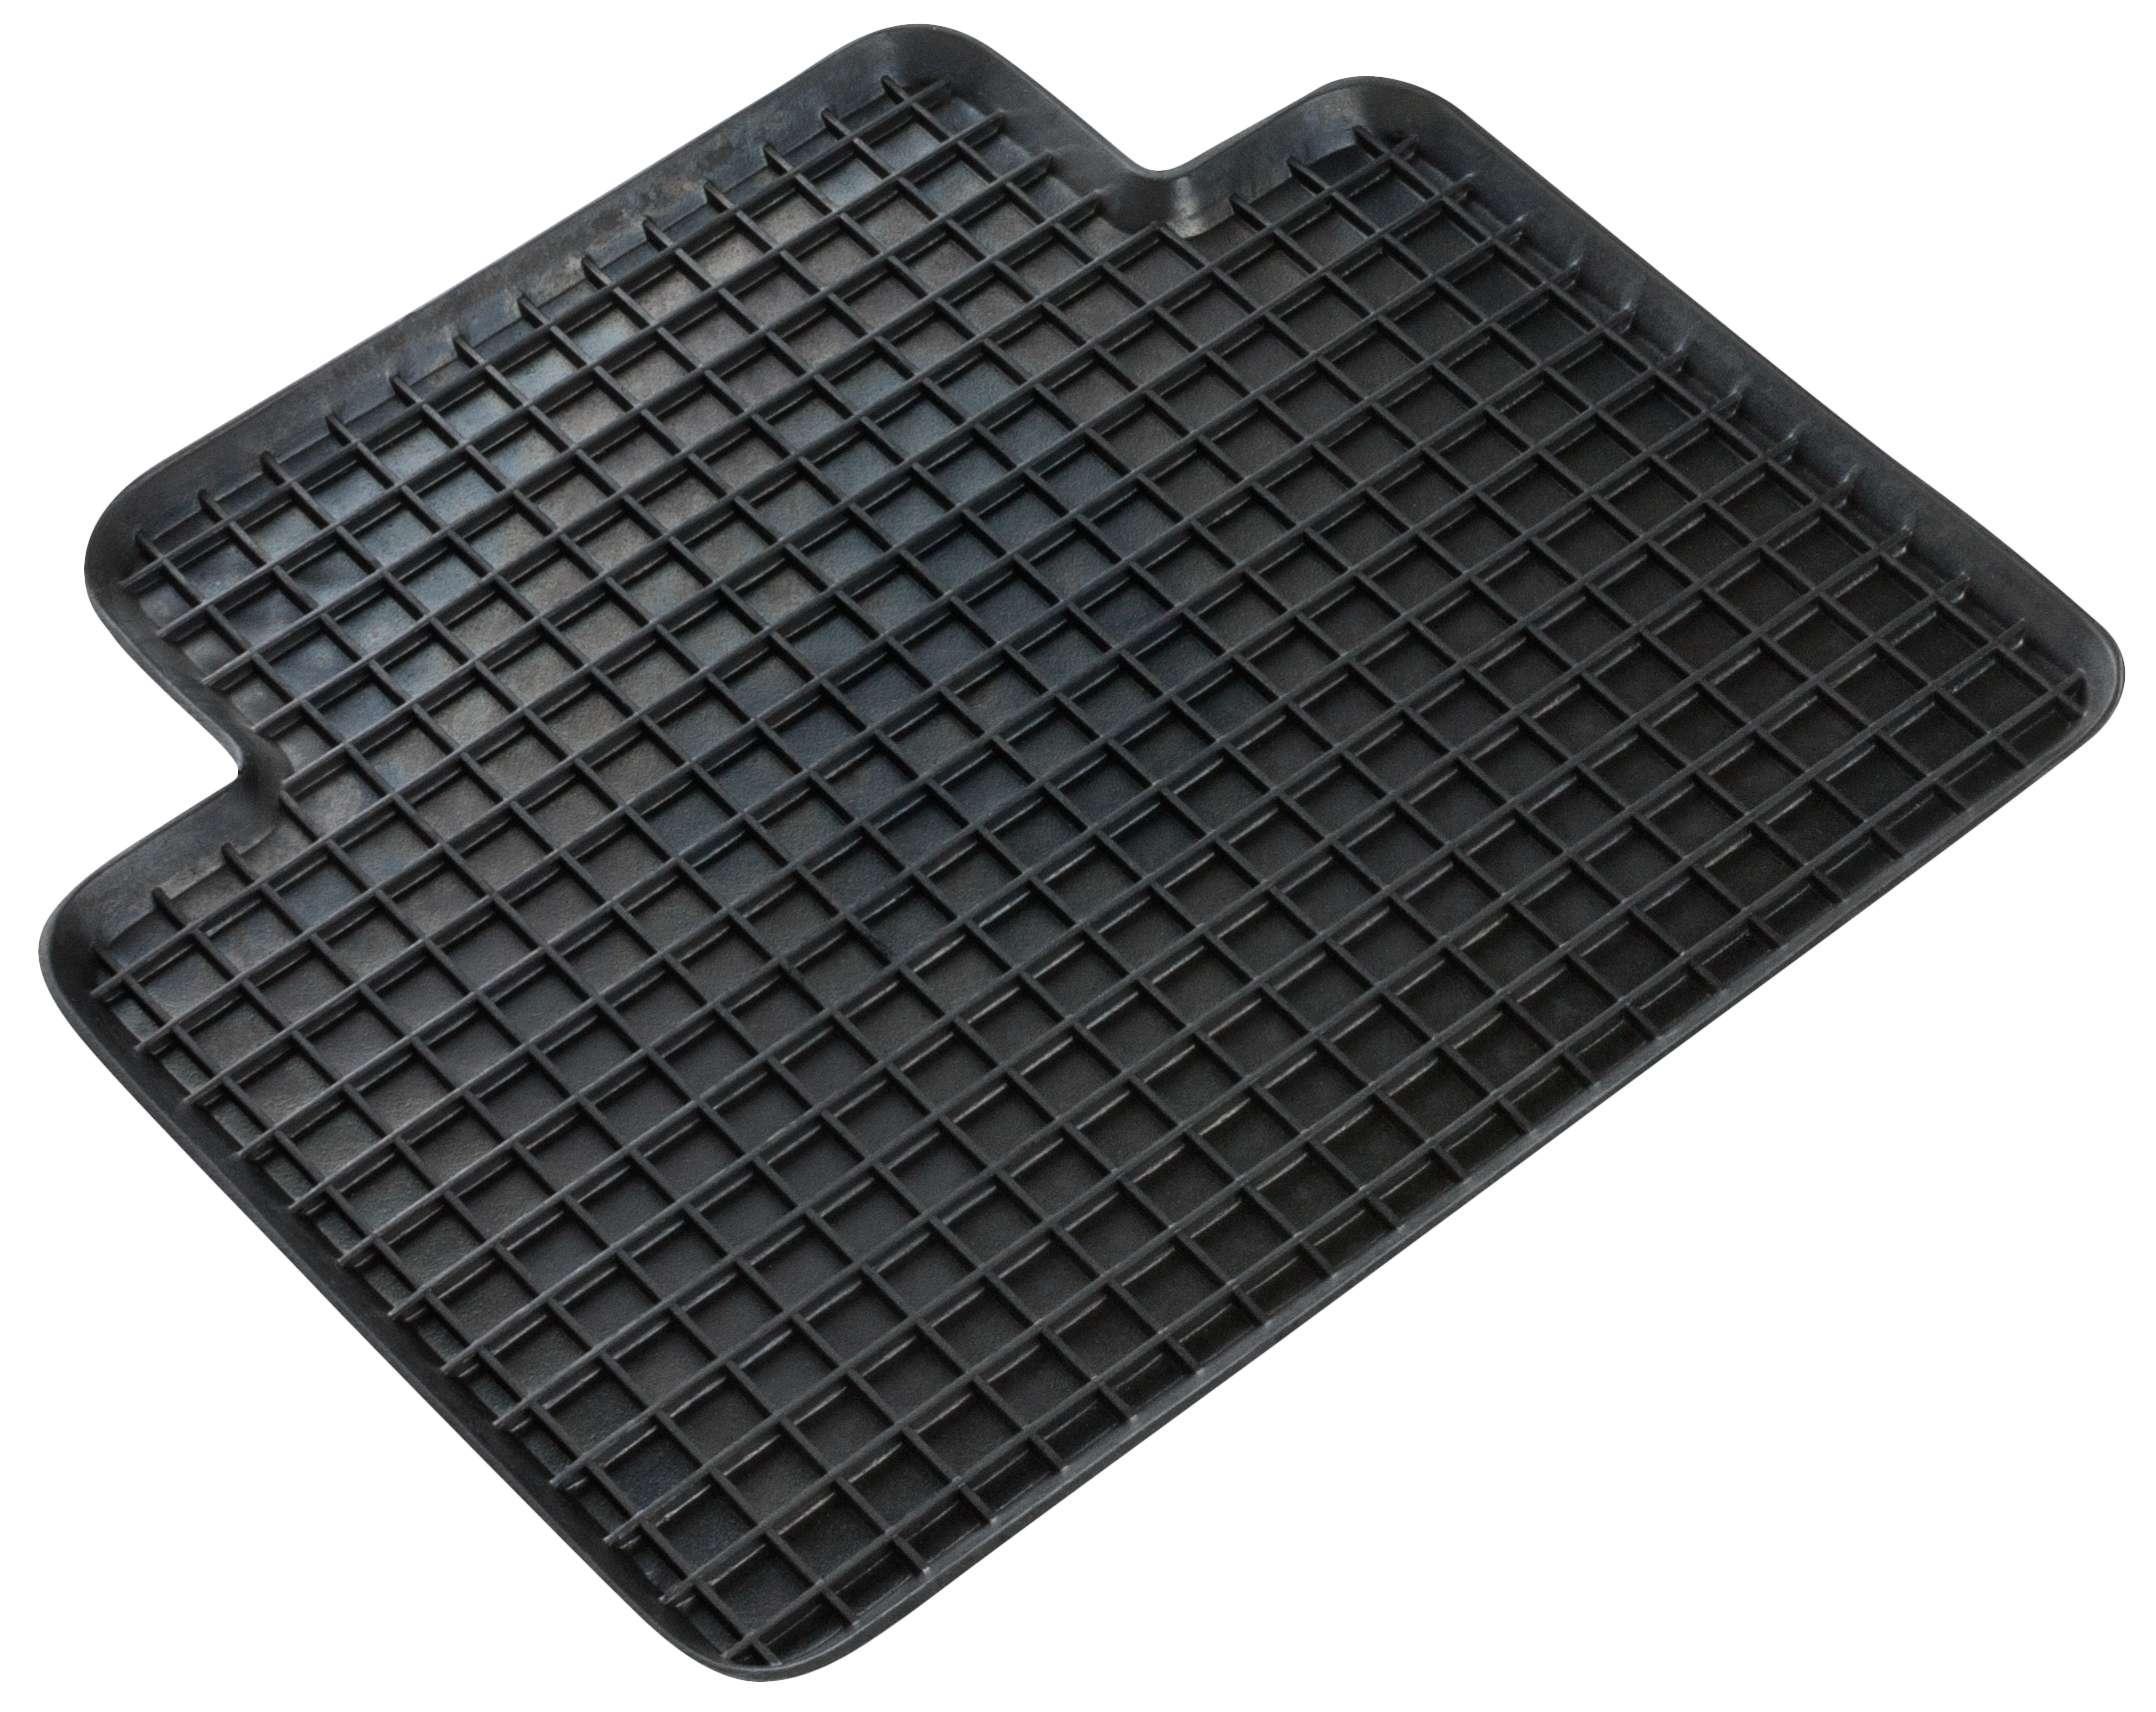 Achat de 14942 WALSER Adaptation universelle, Honeycomb Caoutchouc, arrière, Quantité: 1, noir Taille: 41 x 37 Ensemble de tapis de sol 14942 pas chères